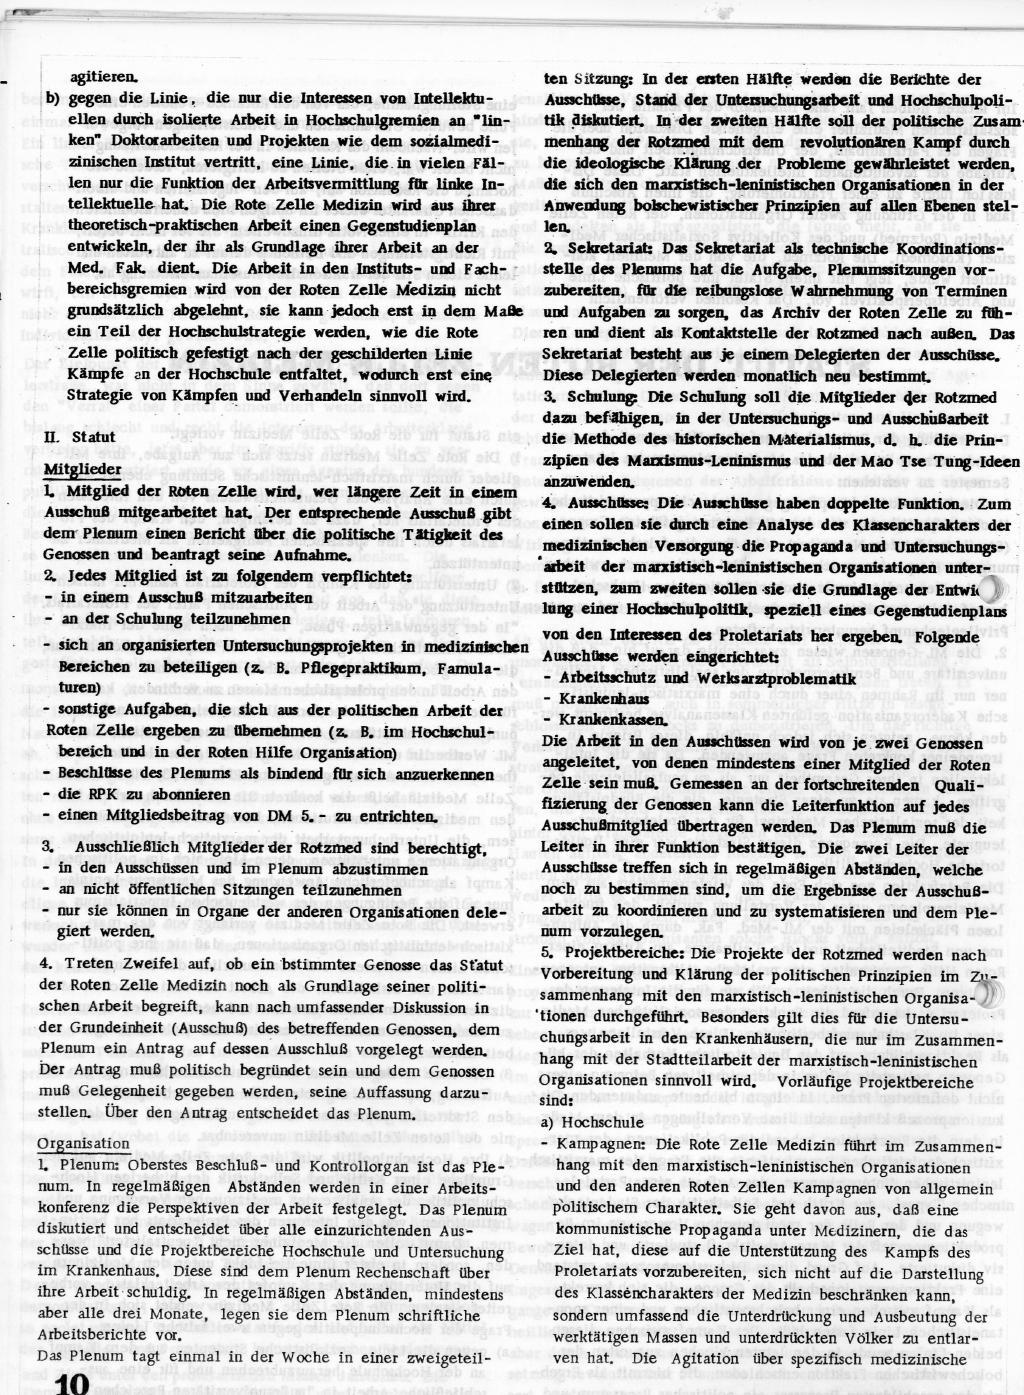 RPK_1970_069_10